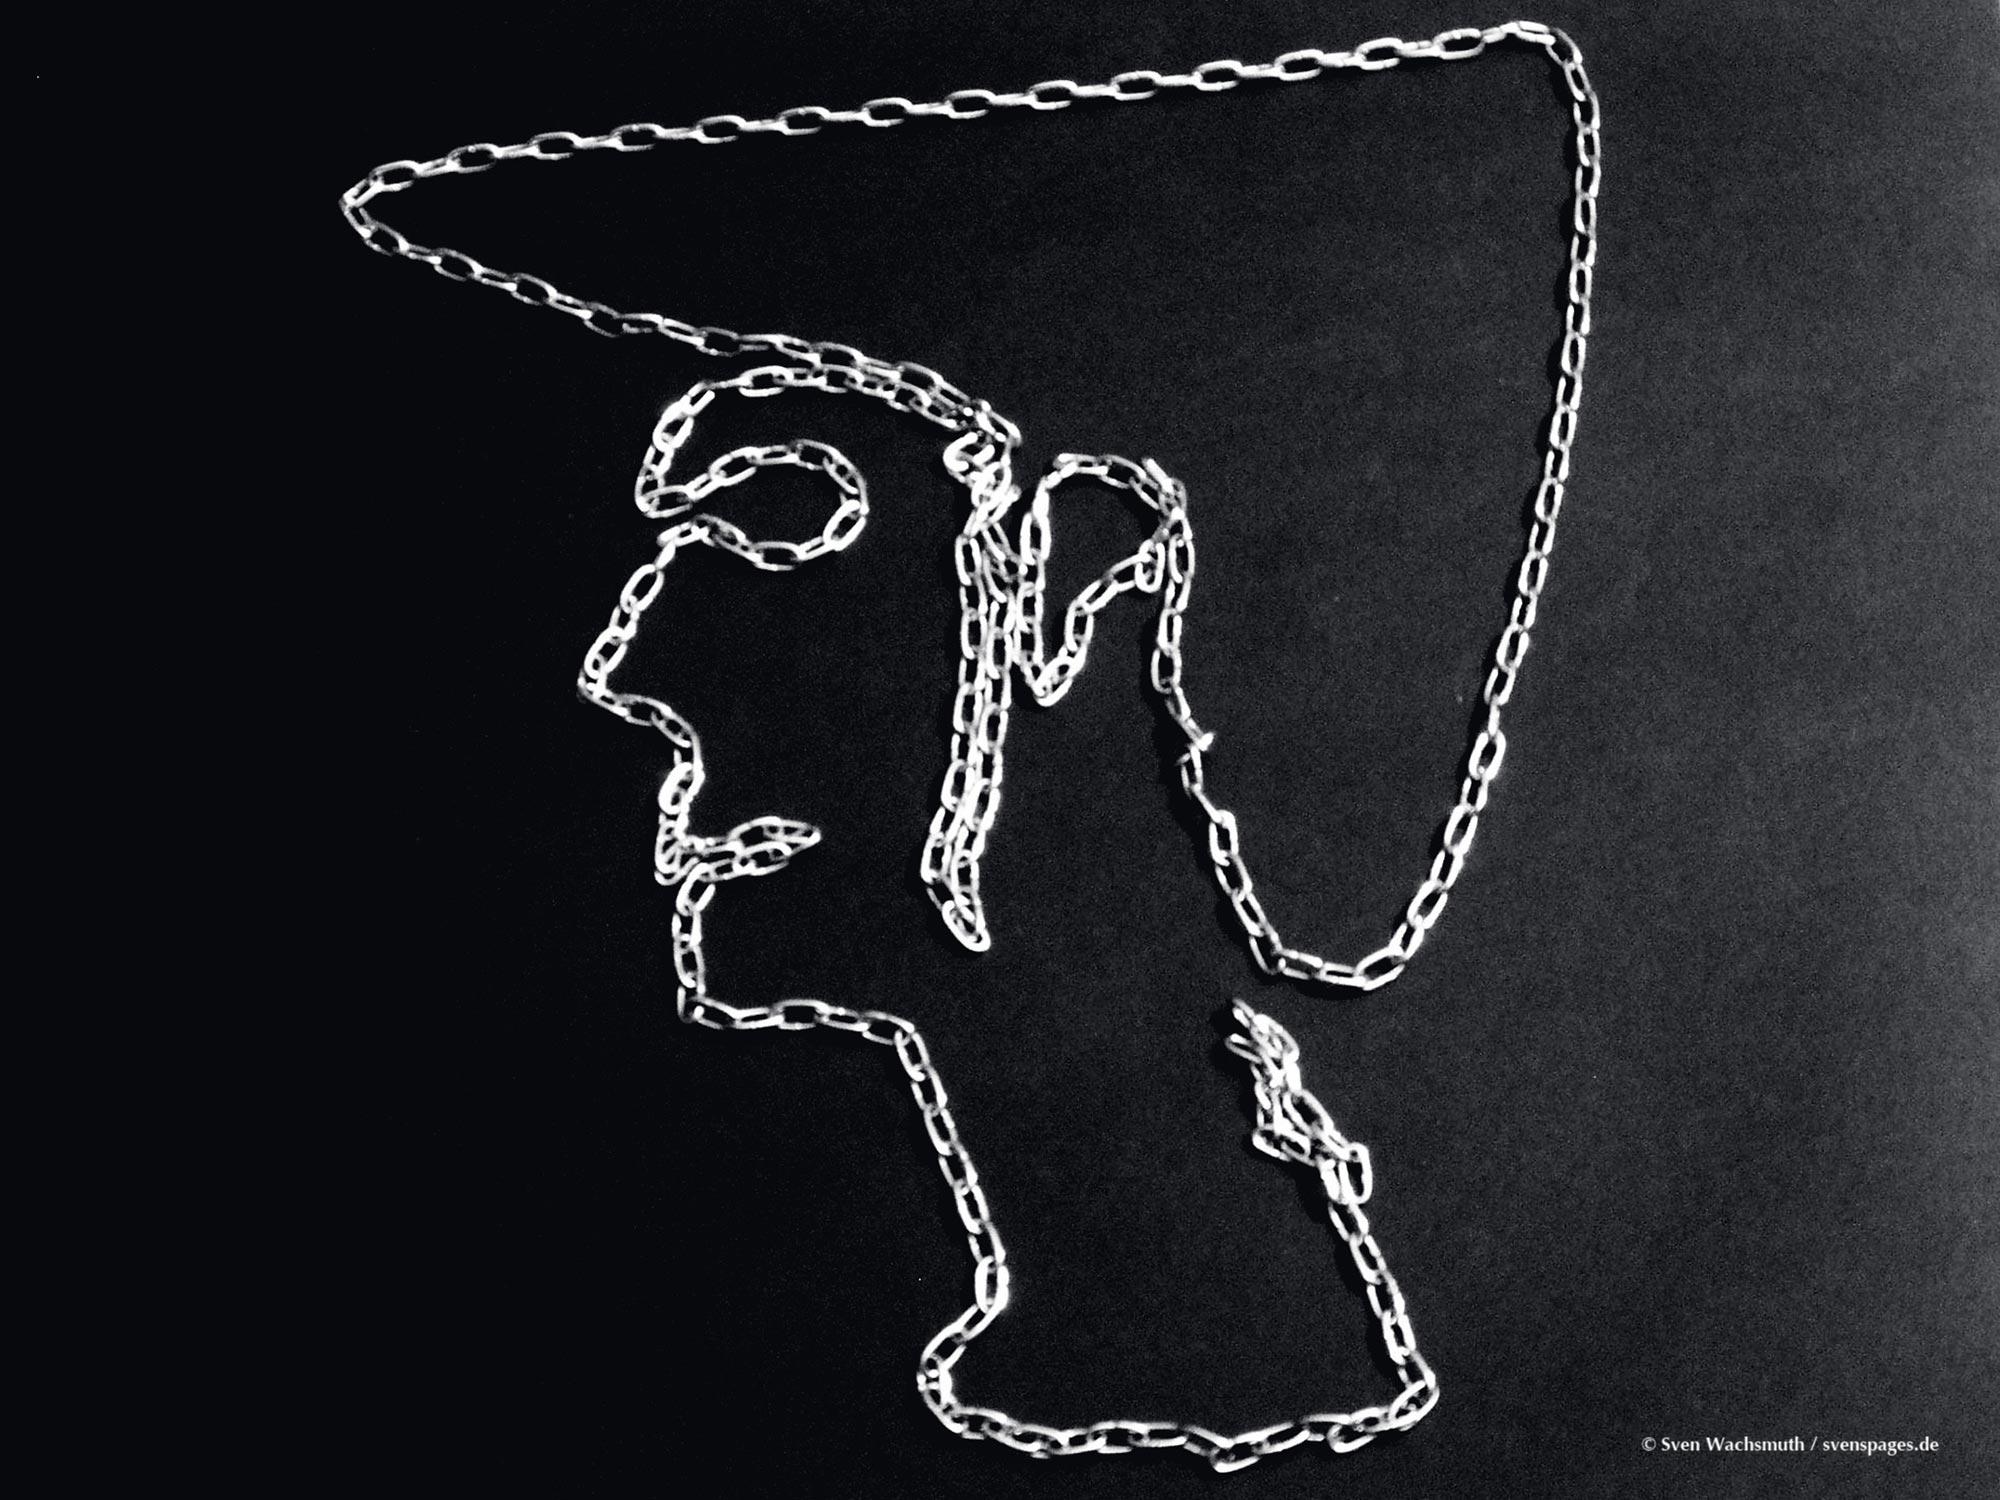 2005-03-12-chains-portrait2